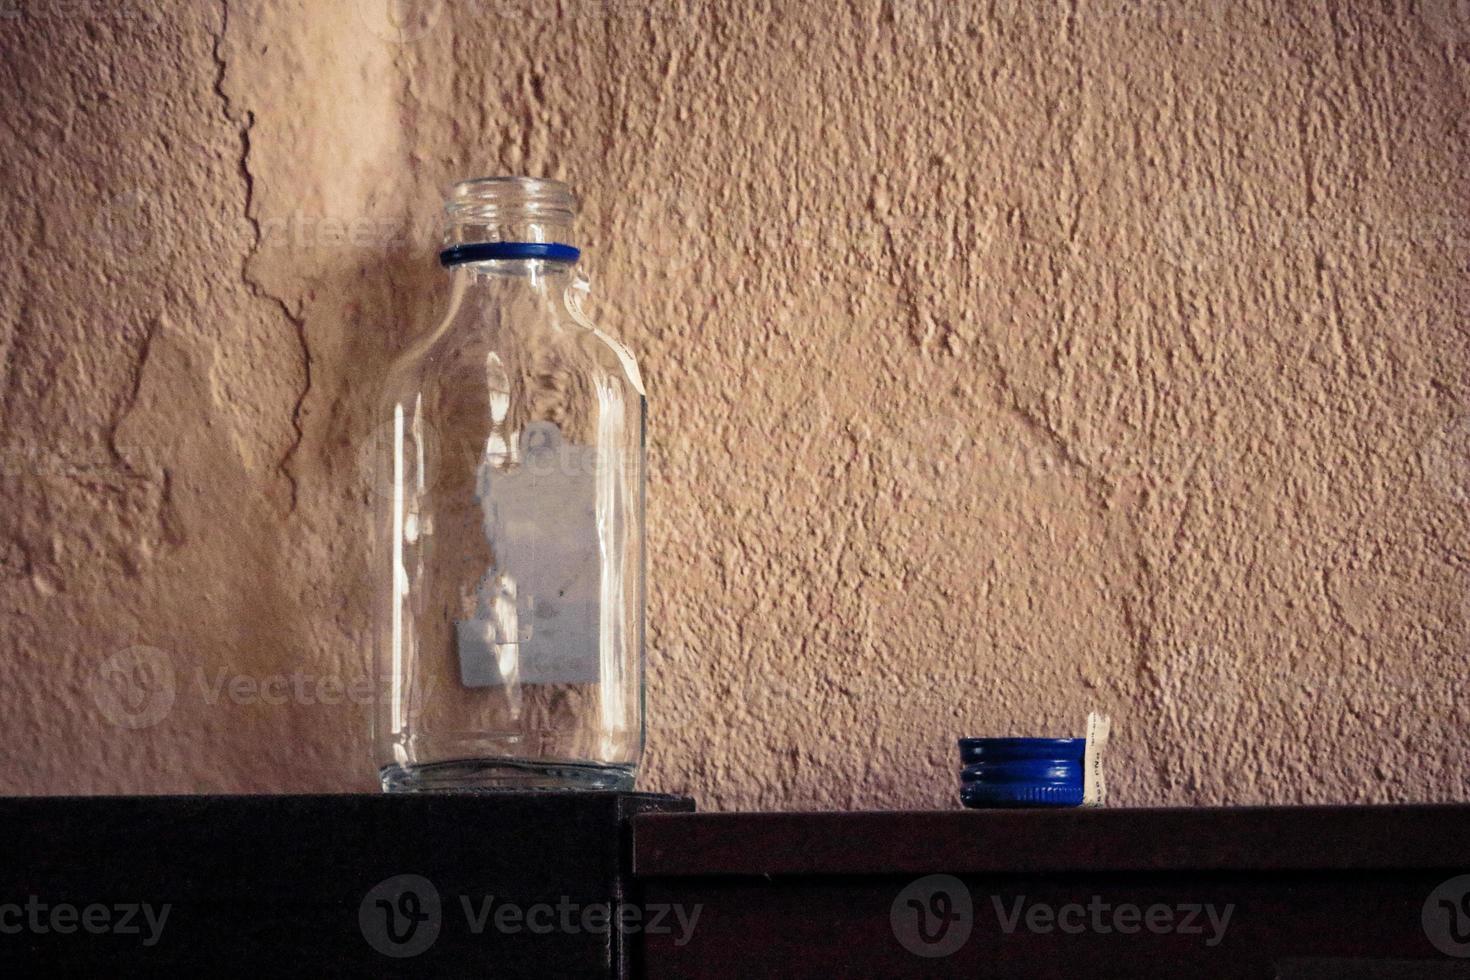 petite bouteille en verre vide avec couvercle en métal bleu sur étagère noire avec fond en béton photo